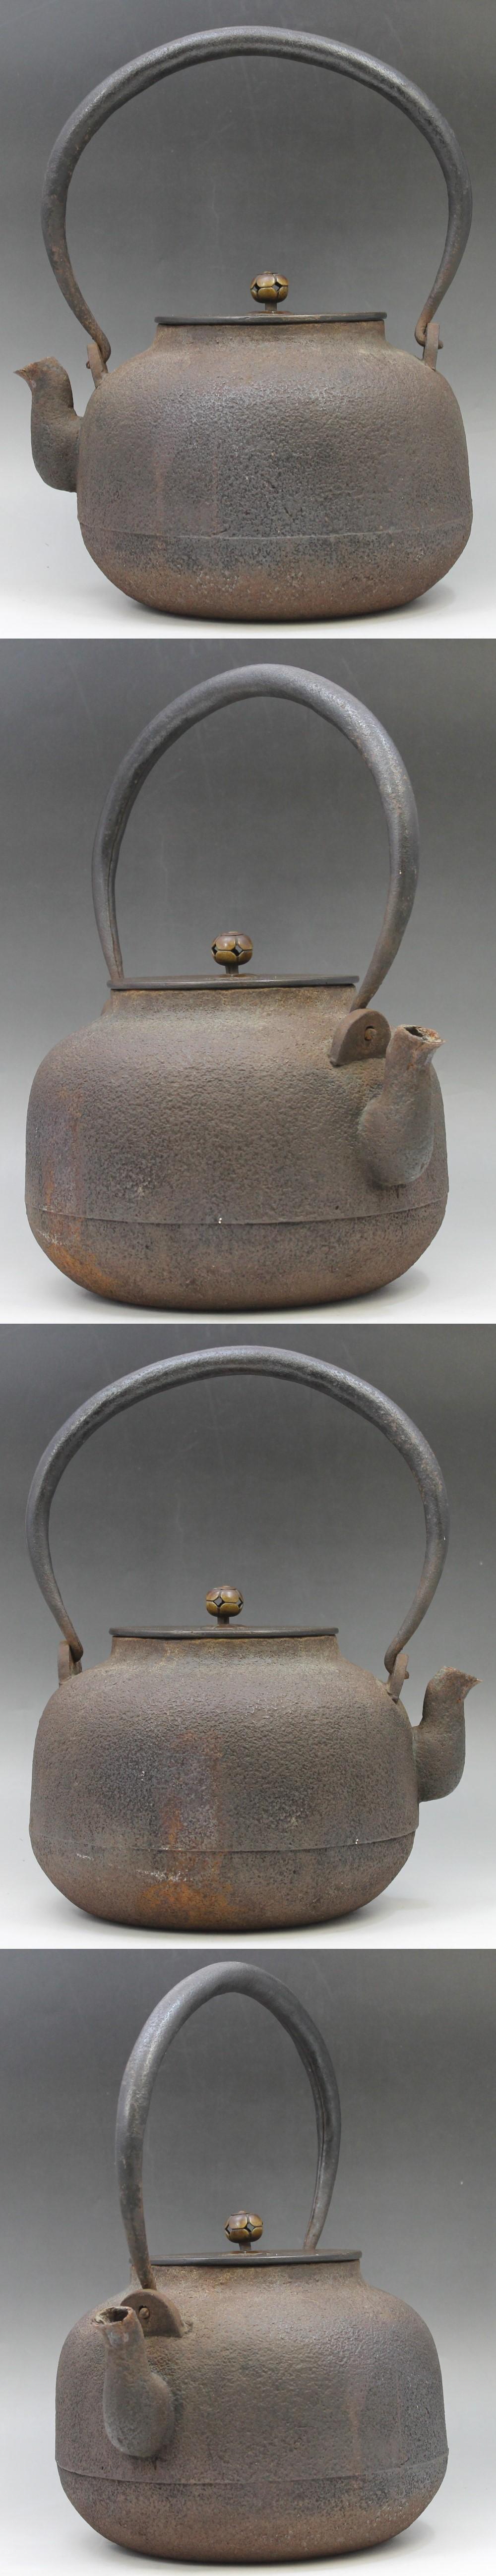 001大型鉄瓶1